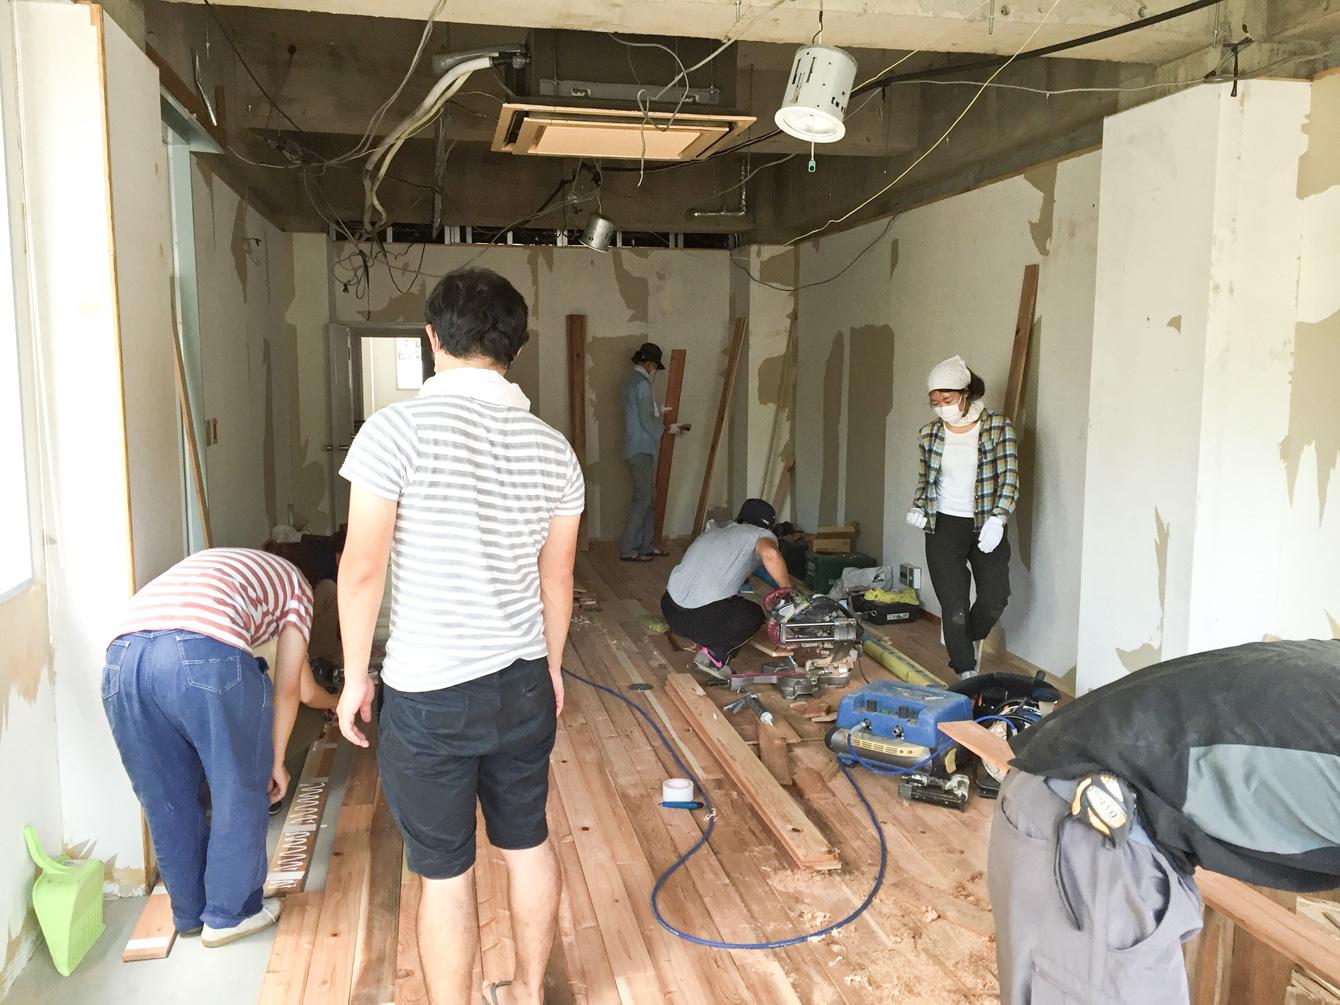 講師の指導のもと、塾生が床材を加工し貼っていく。